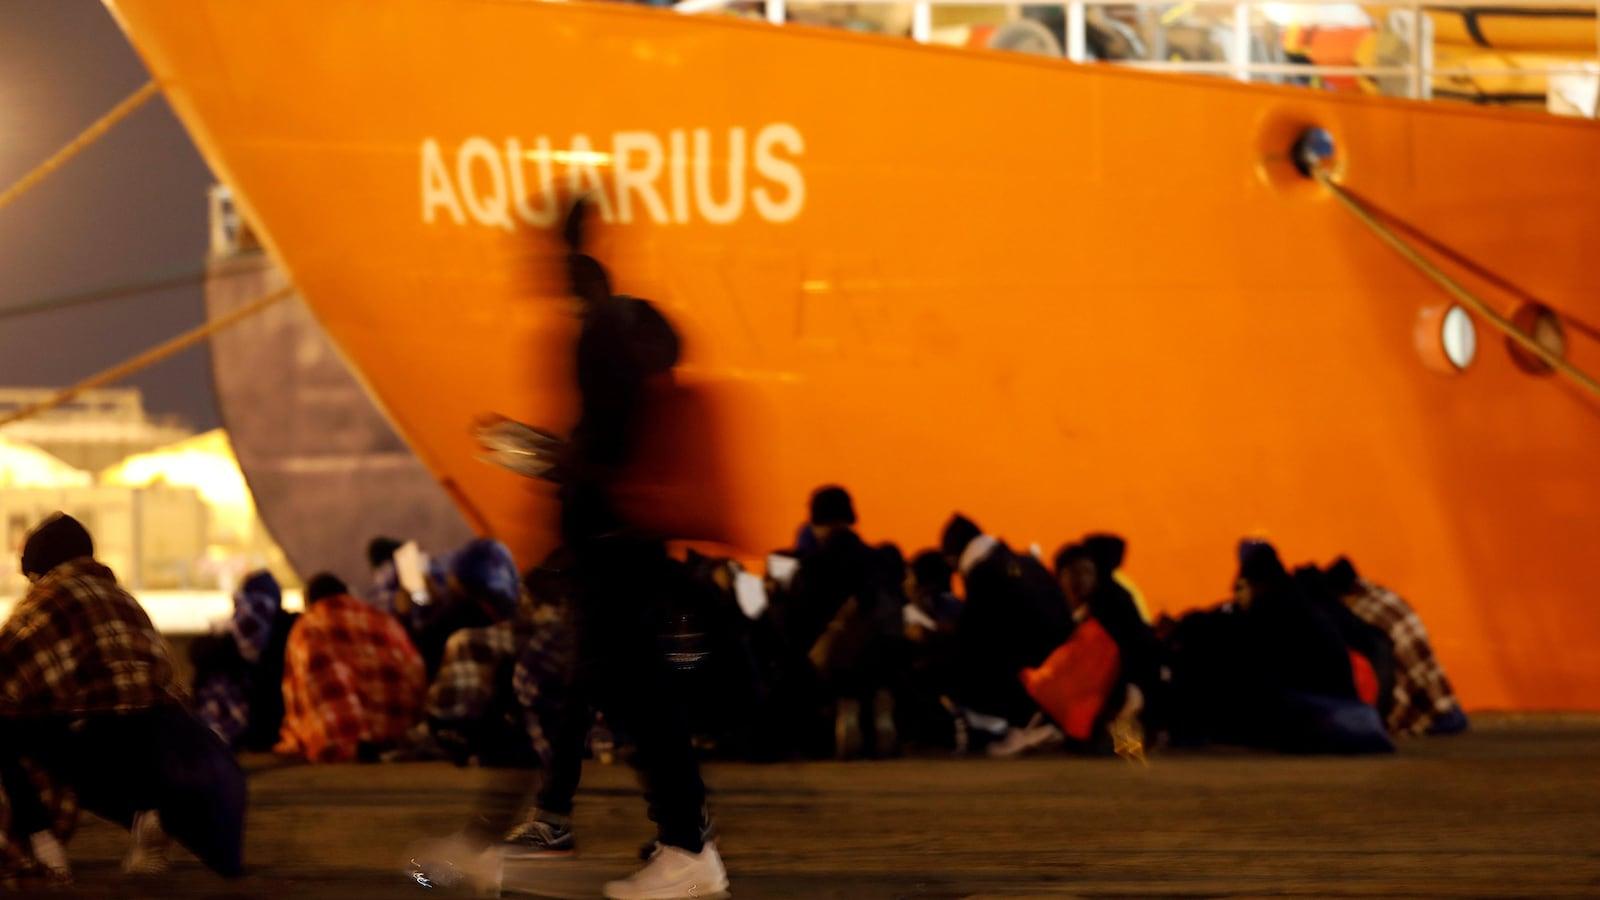 Des gens sont assis dans un port, un énorme bateau orange est amarré près d'eux.